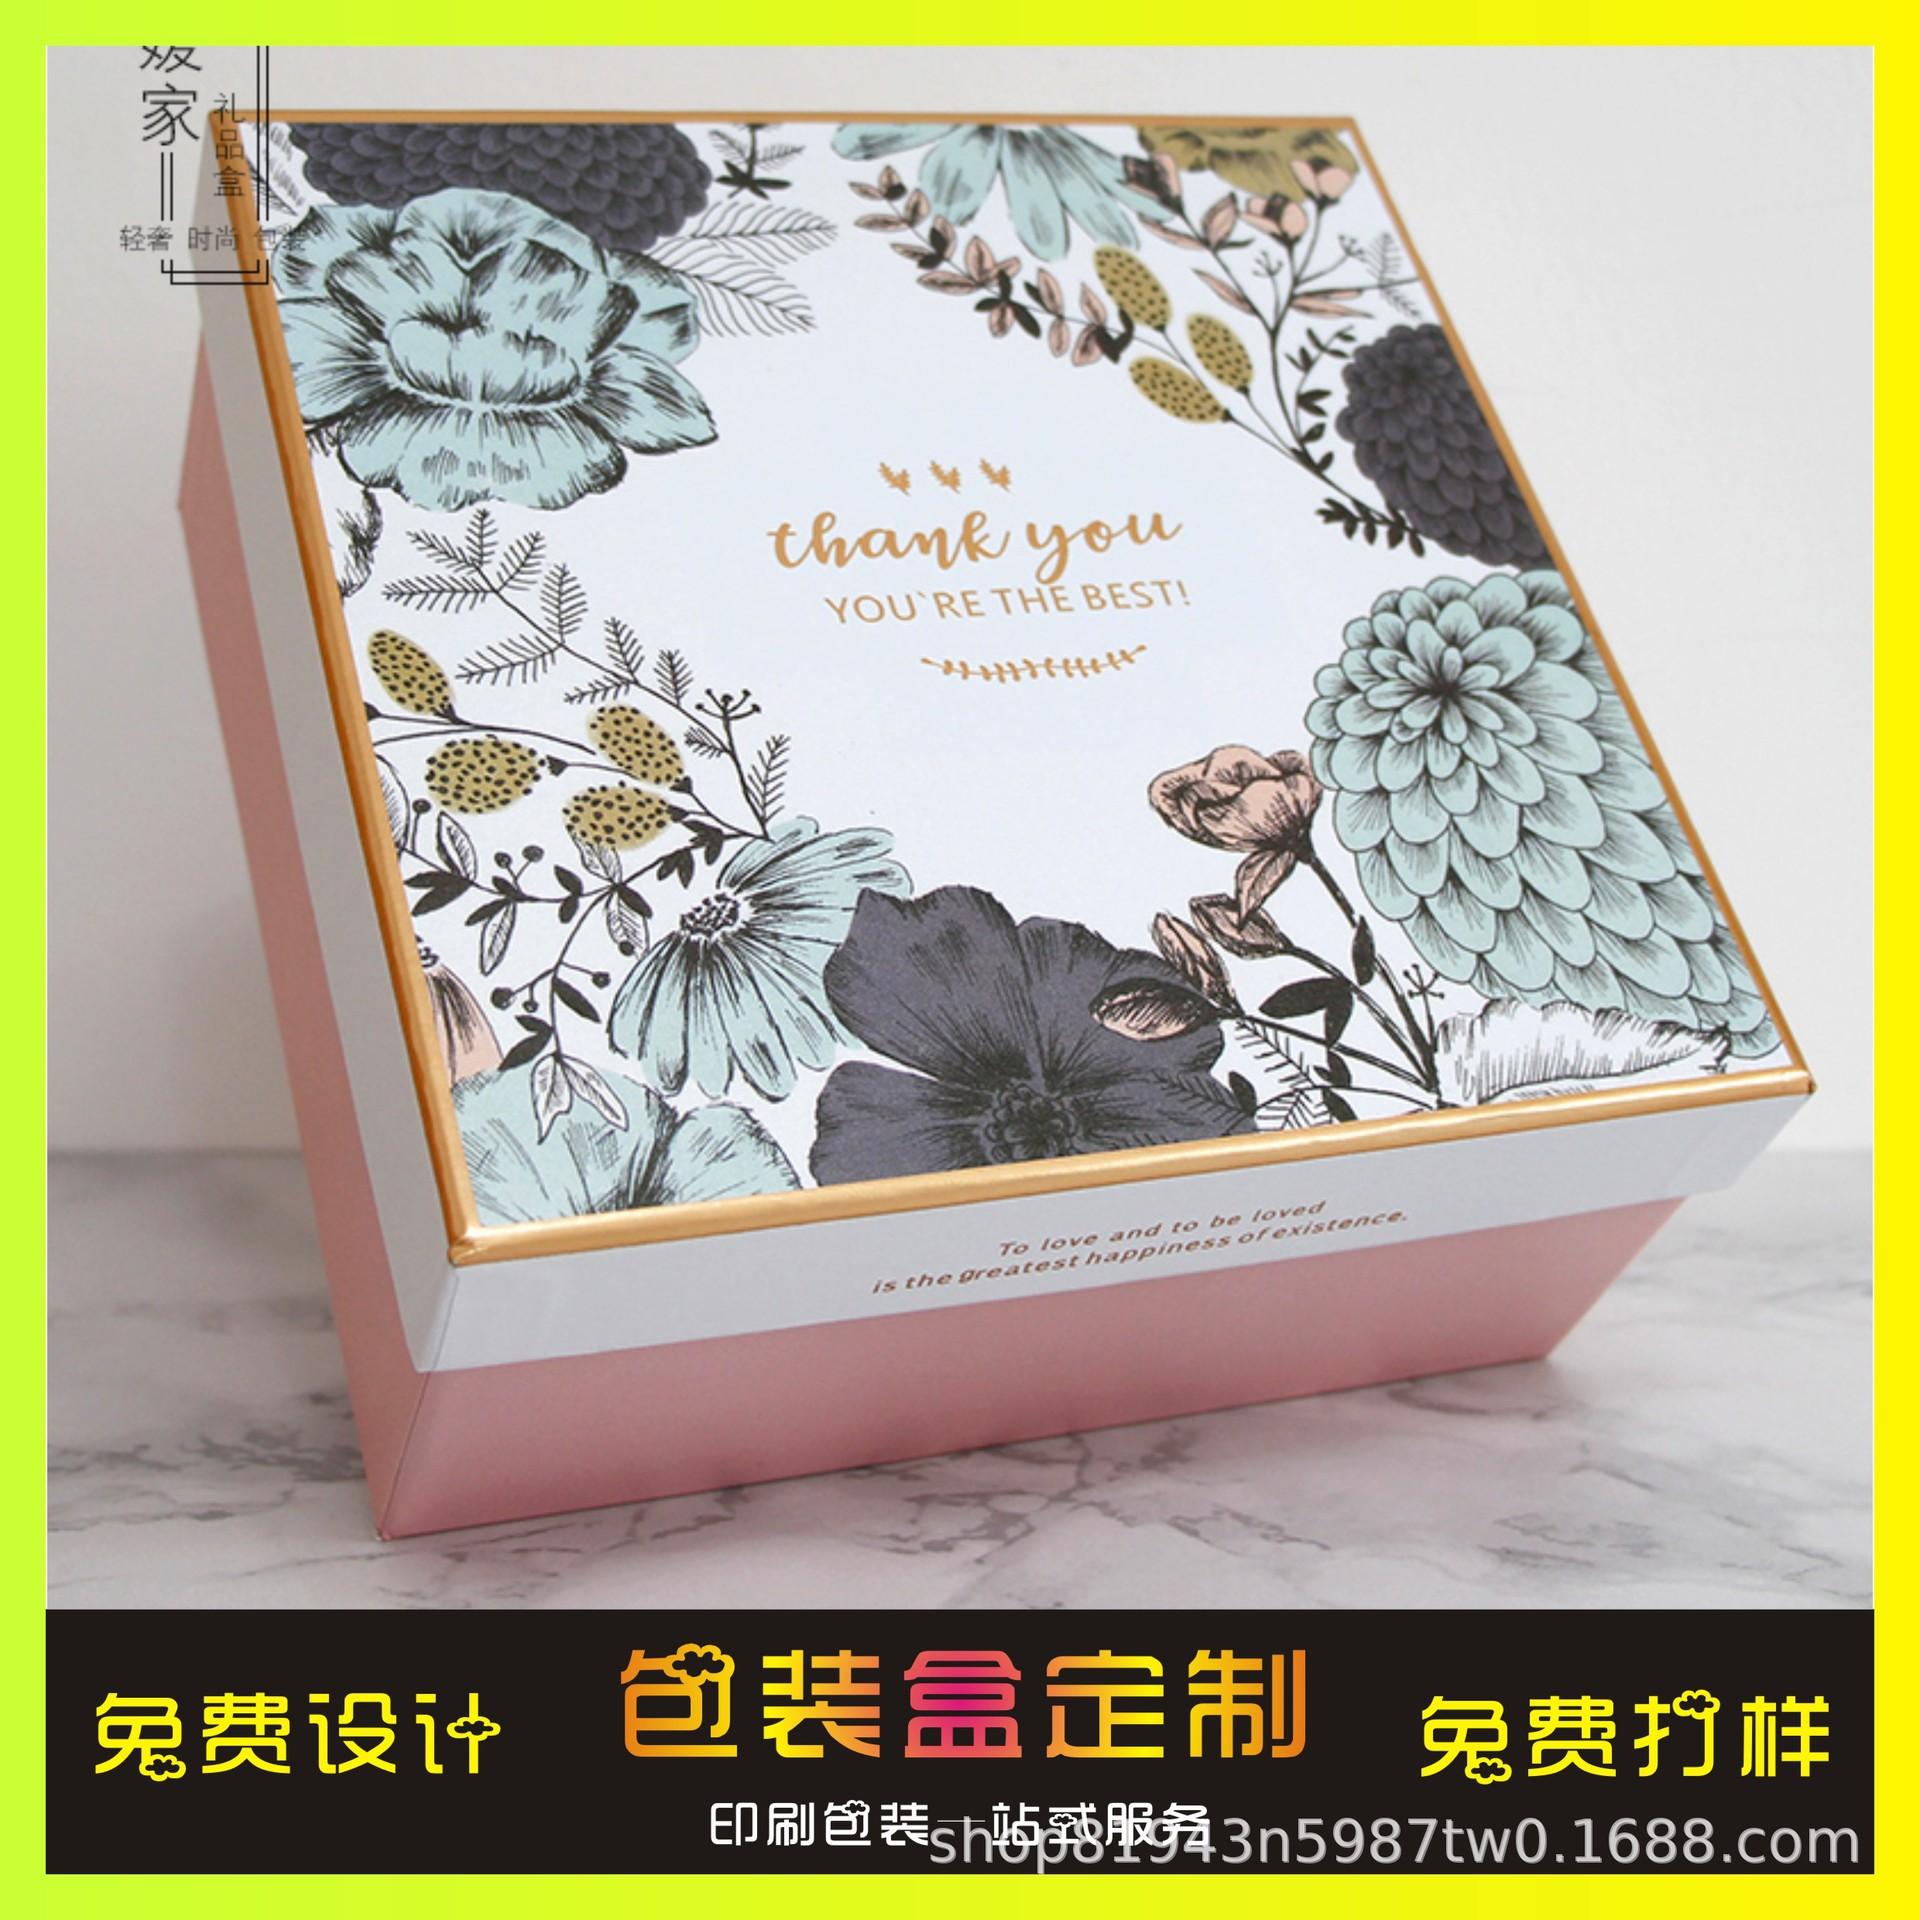 爆款 磨砂 气垫CC霜盒子 替换装折盒 BB霜包装盒 面膜包装盒